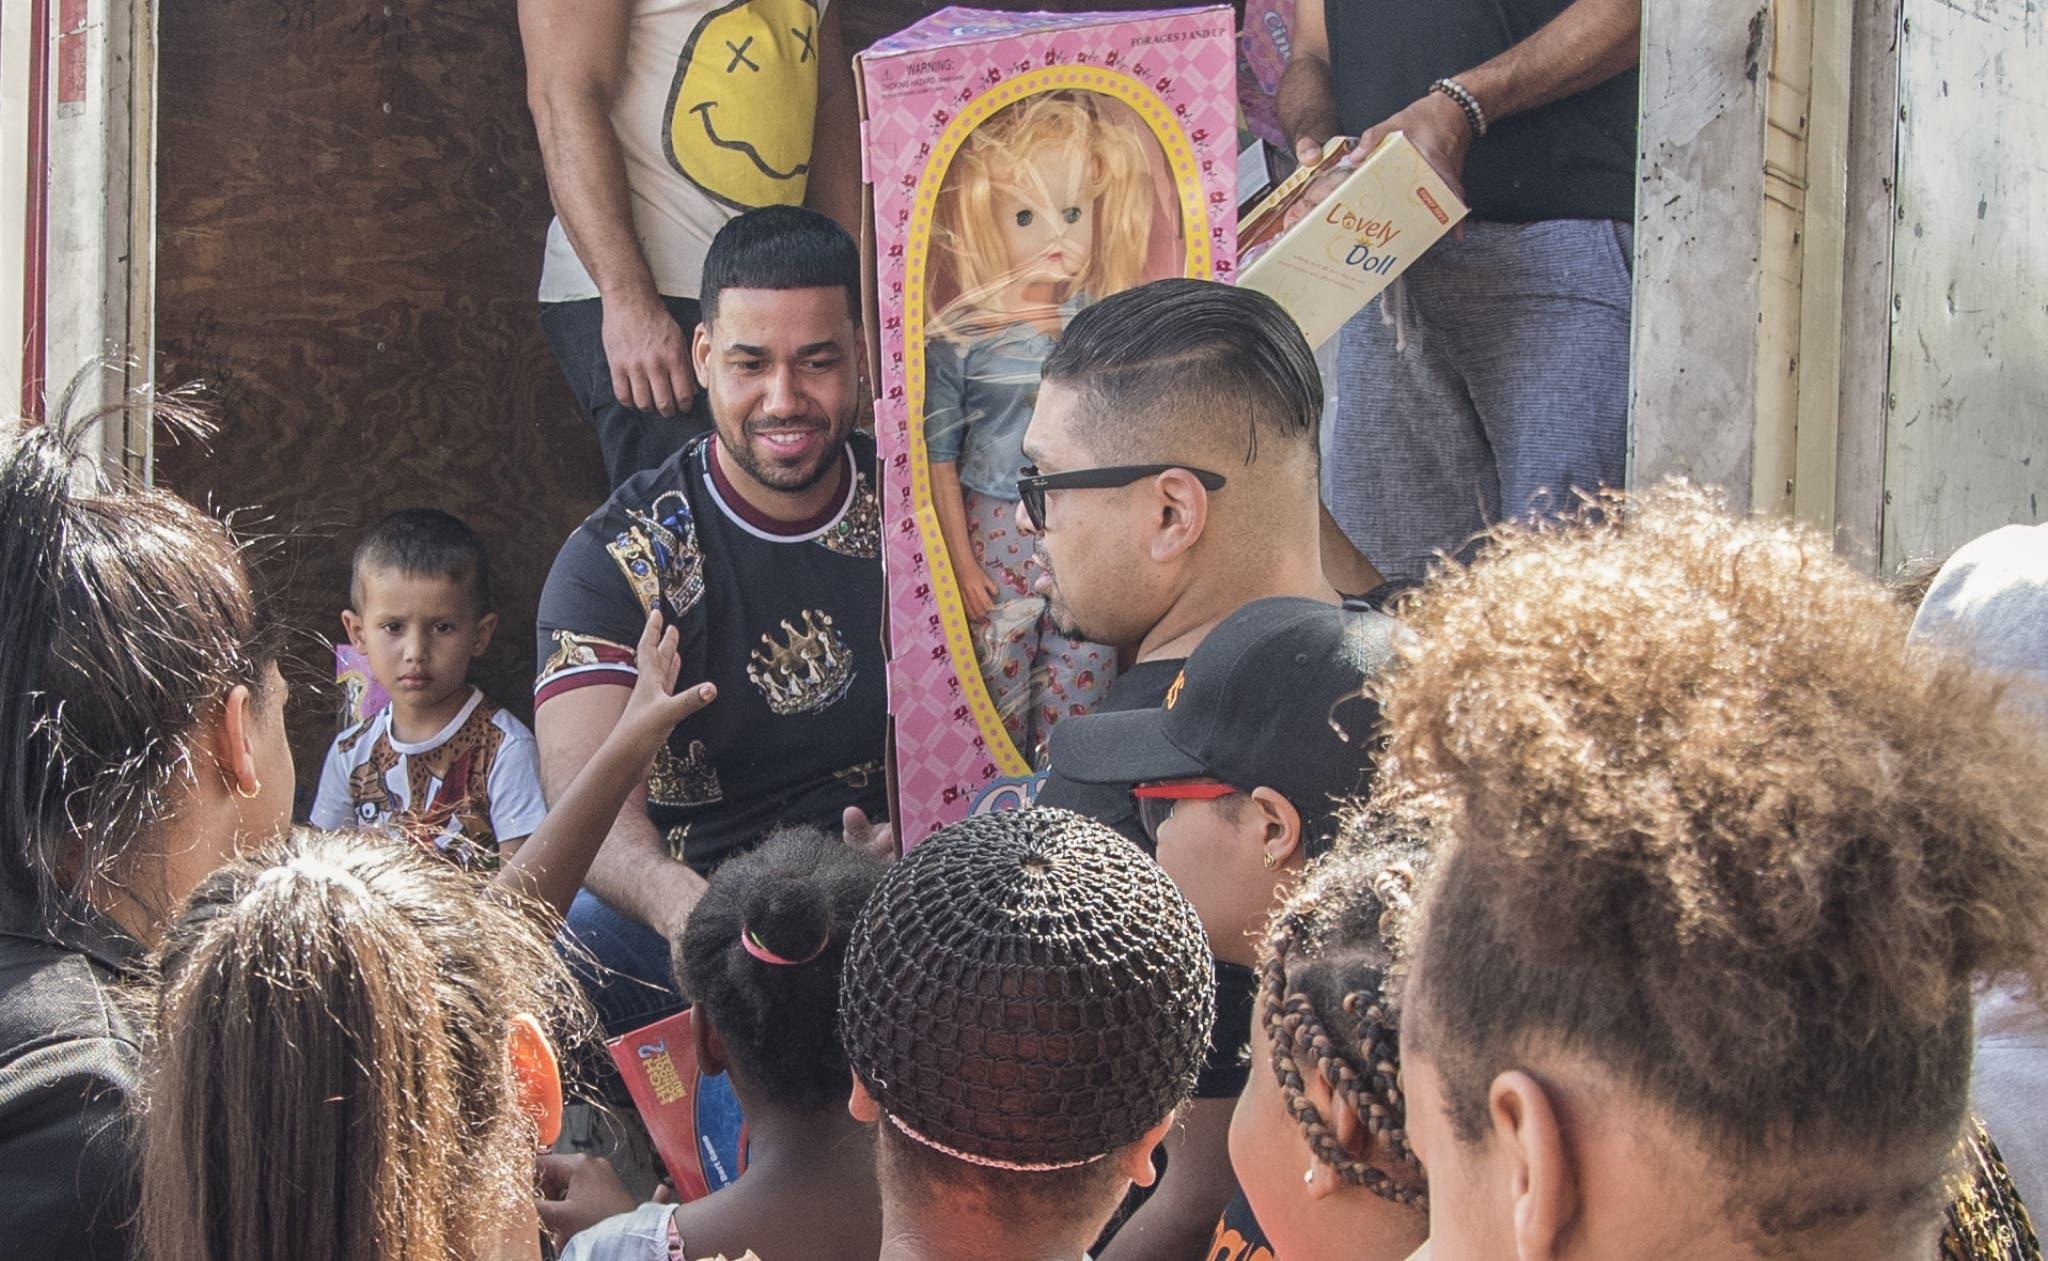 El bachatero Romeo Santos hizo una visita sorpresa a su país para entregar  juguetes a niños,  por celebrarse ayer el Día de Reyes. Cortesía/  Joel García